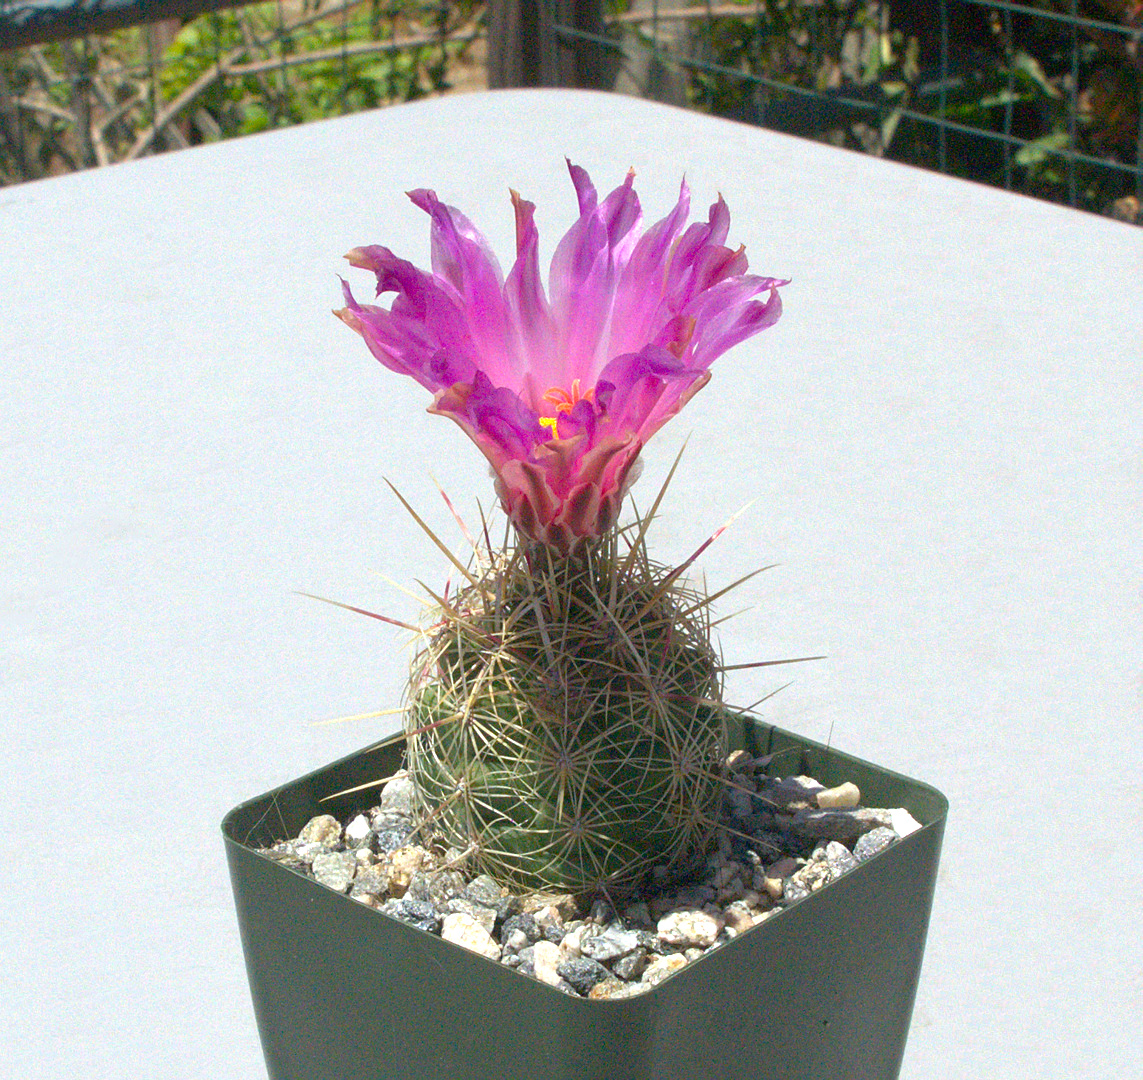 Thelocactus bicolor var. parras